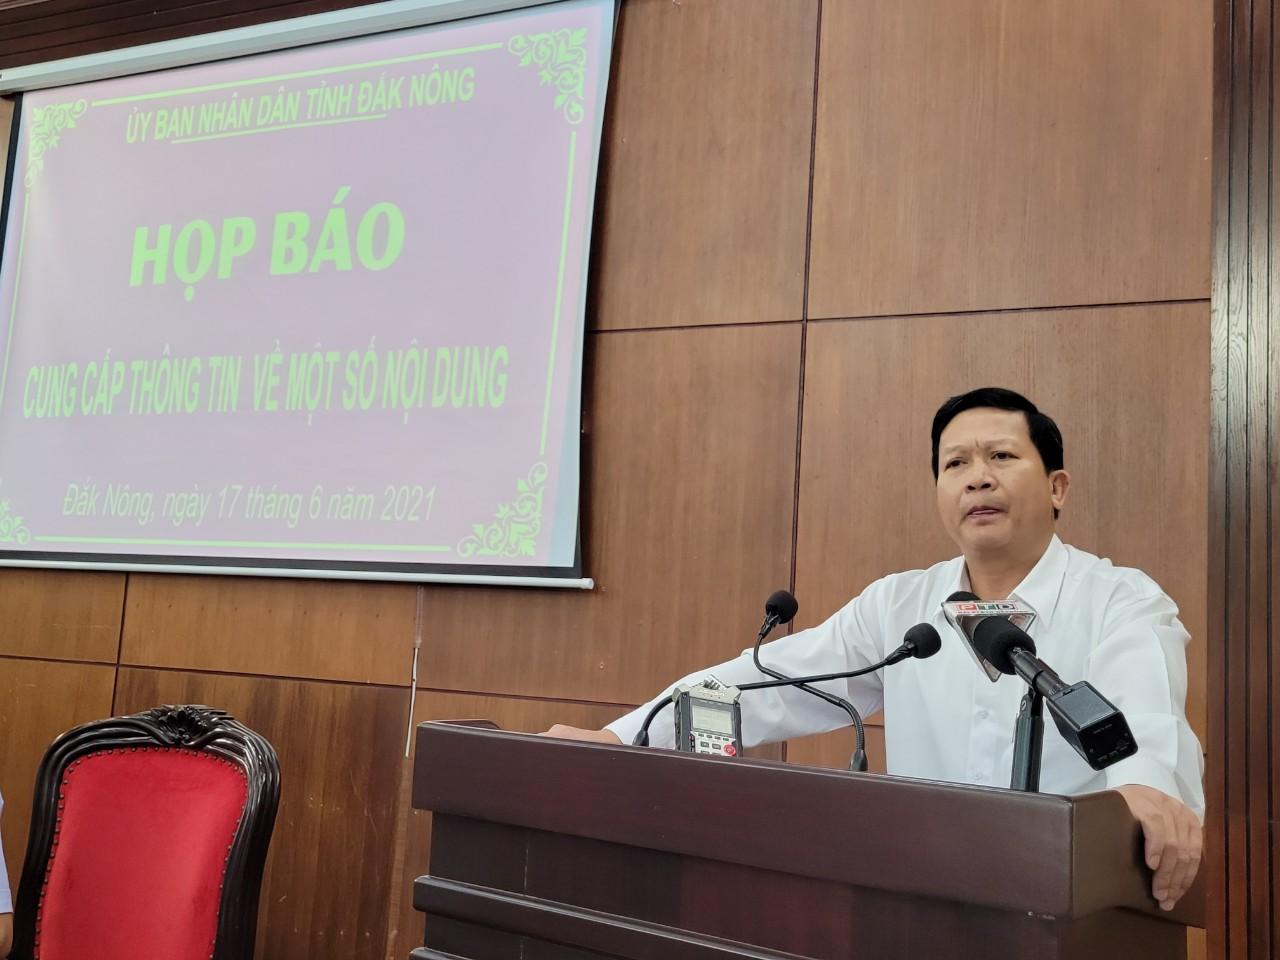 Ông Ngô Đức Thọ - Chánh án TAND tỉnh Đắk Nông thông tin tại buổi họp báo